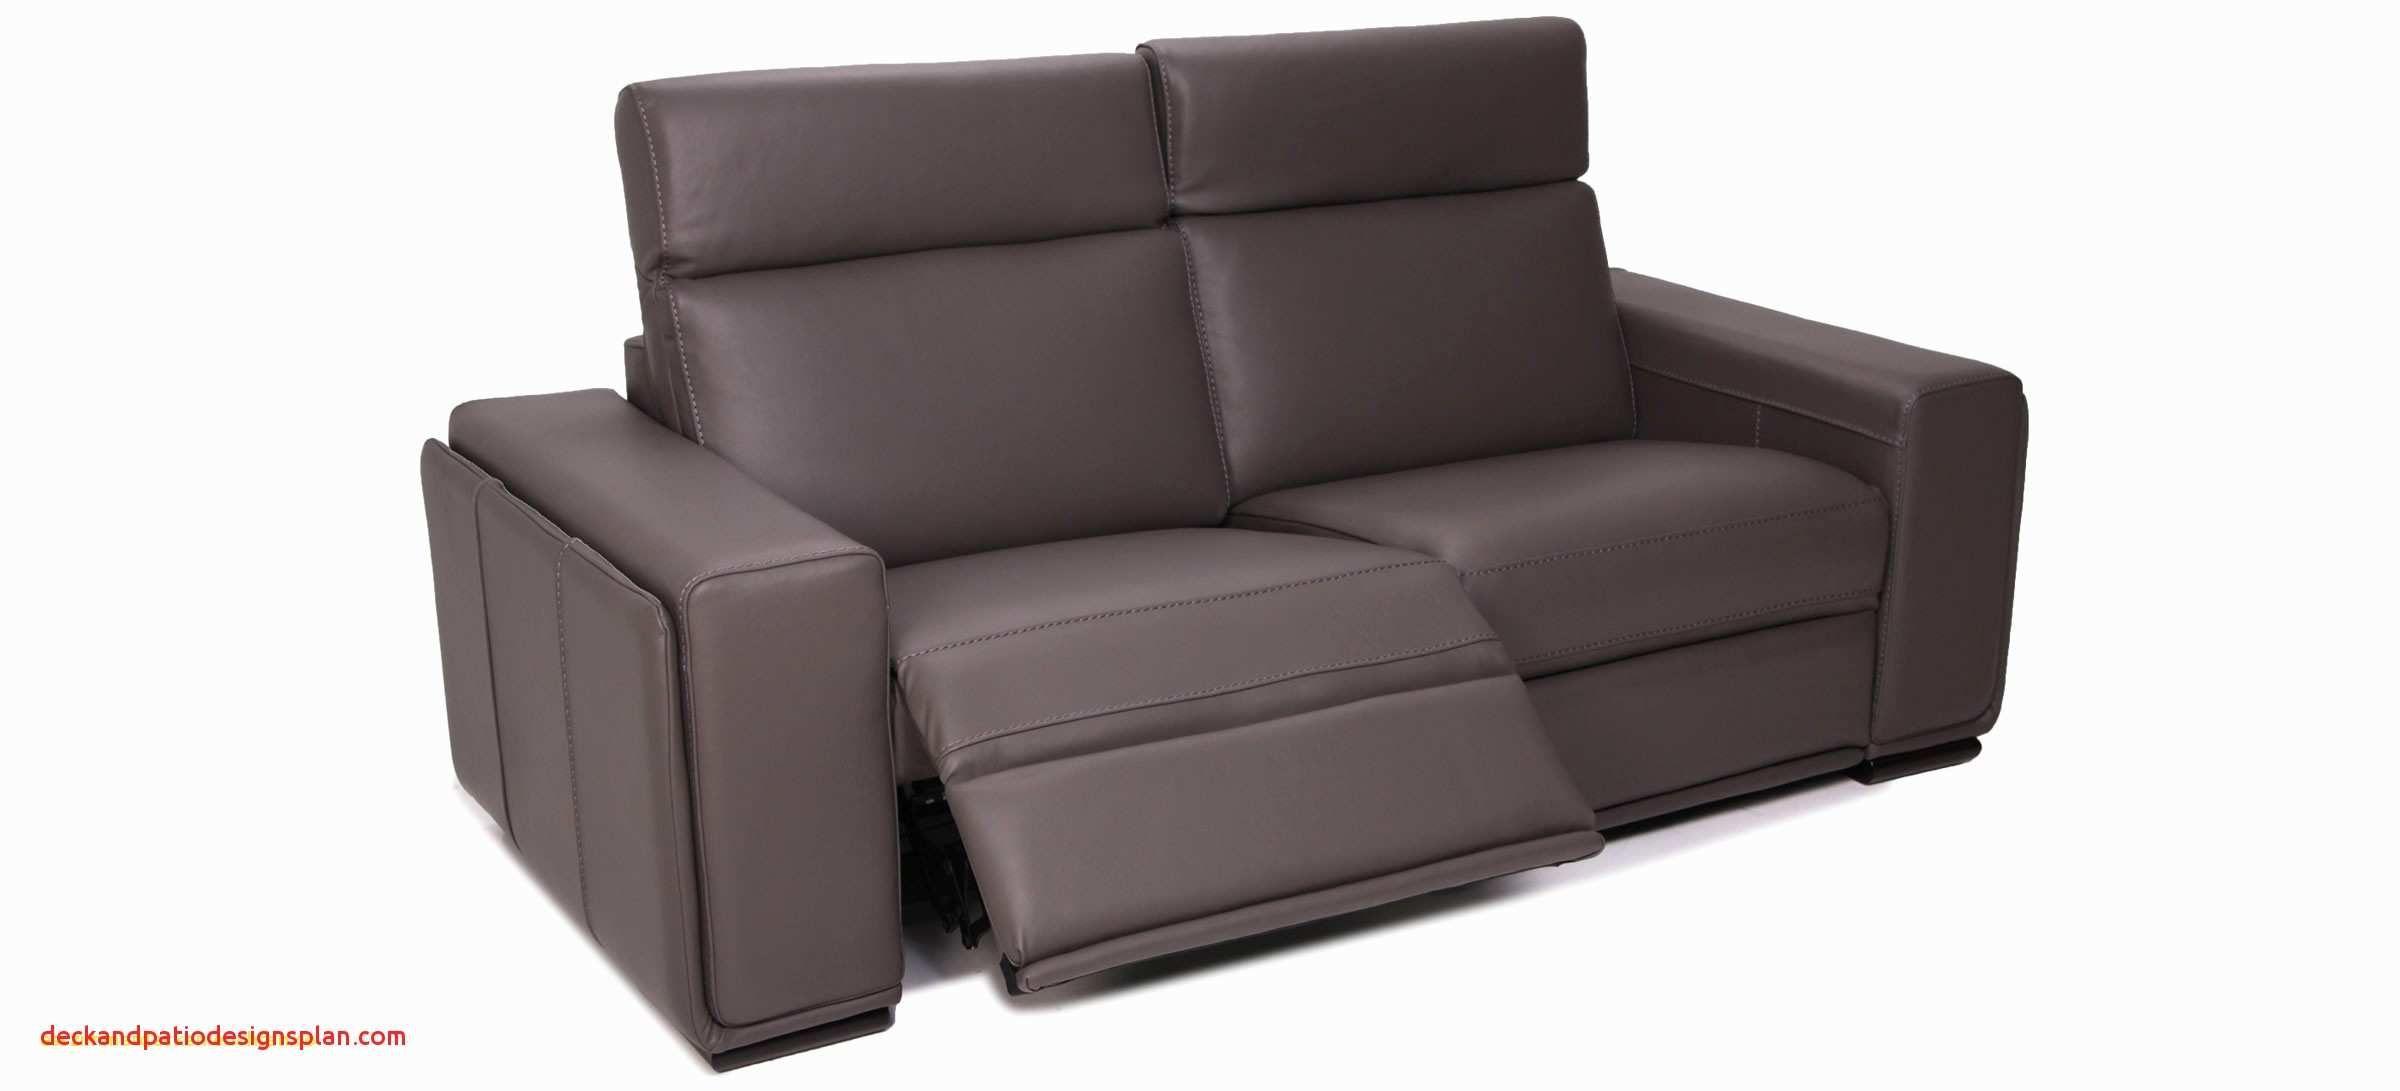 68 Grossartig Lager Von Big Sofa Mit Schlaffunktion Di 2020